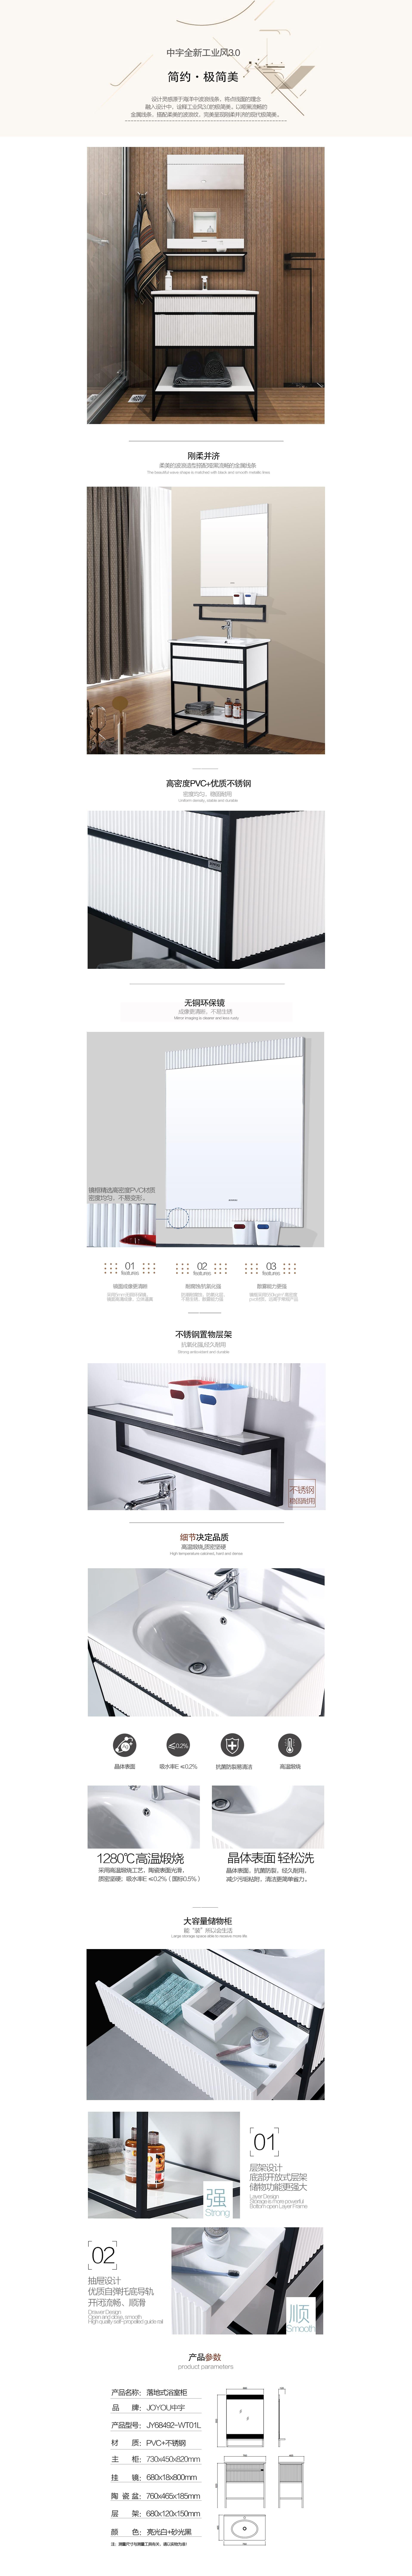 wt01l浴室柜-min